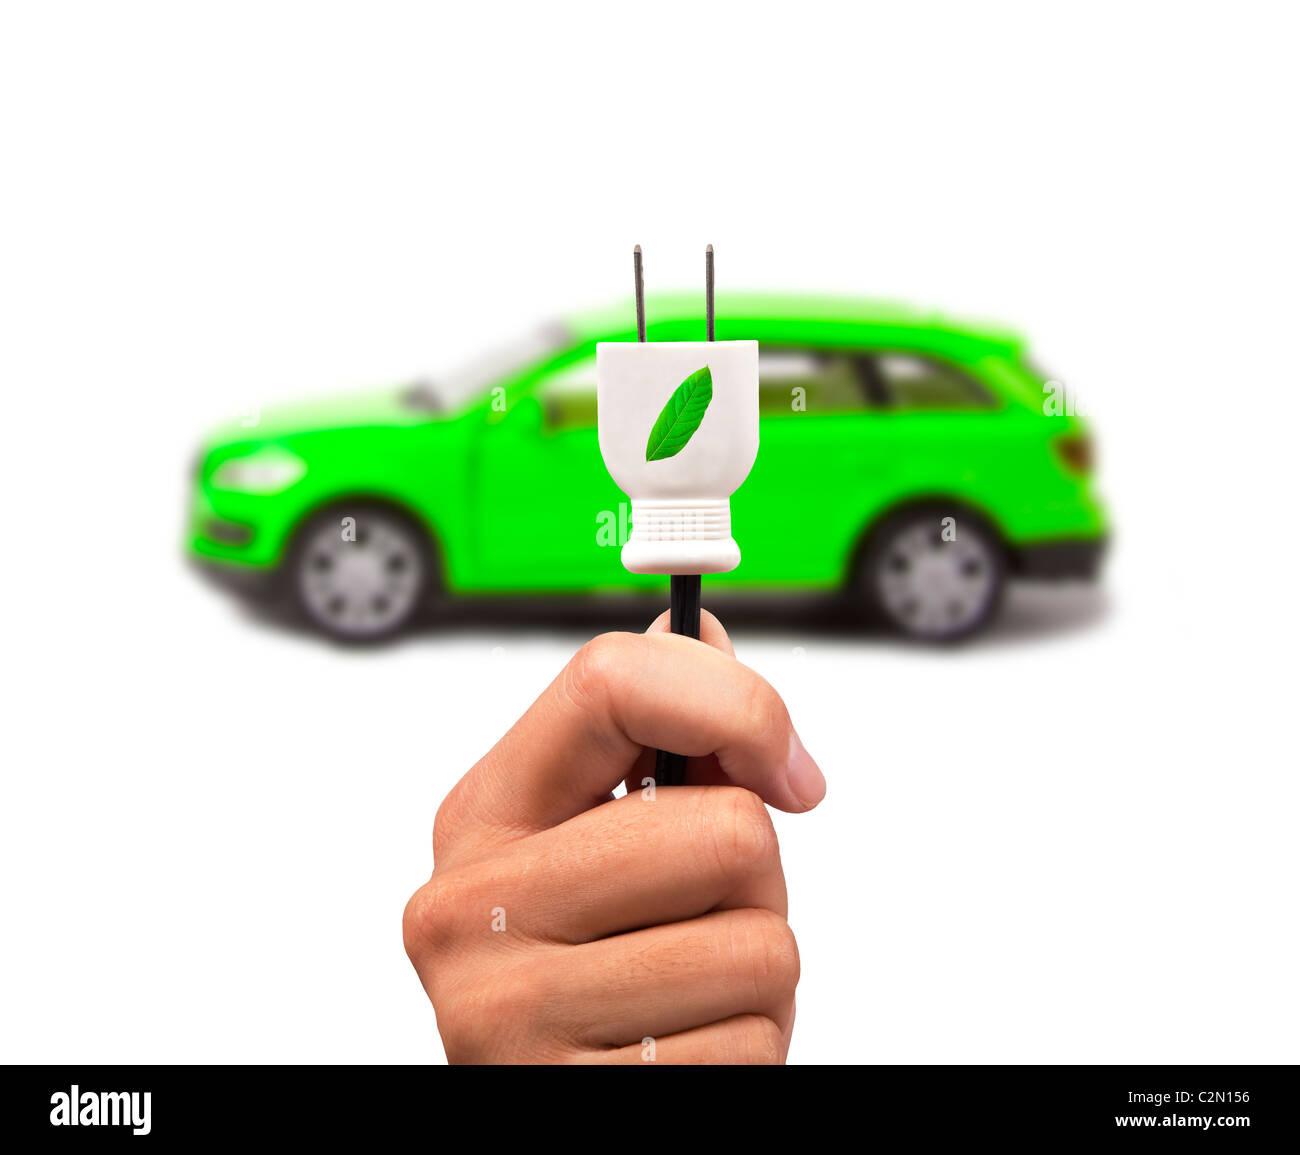 Coches eléctricos con energía ecológica Imagen De Stock